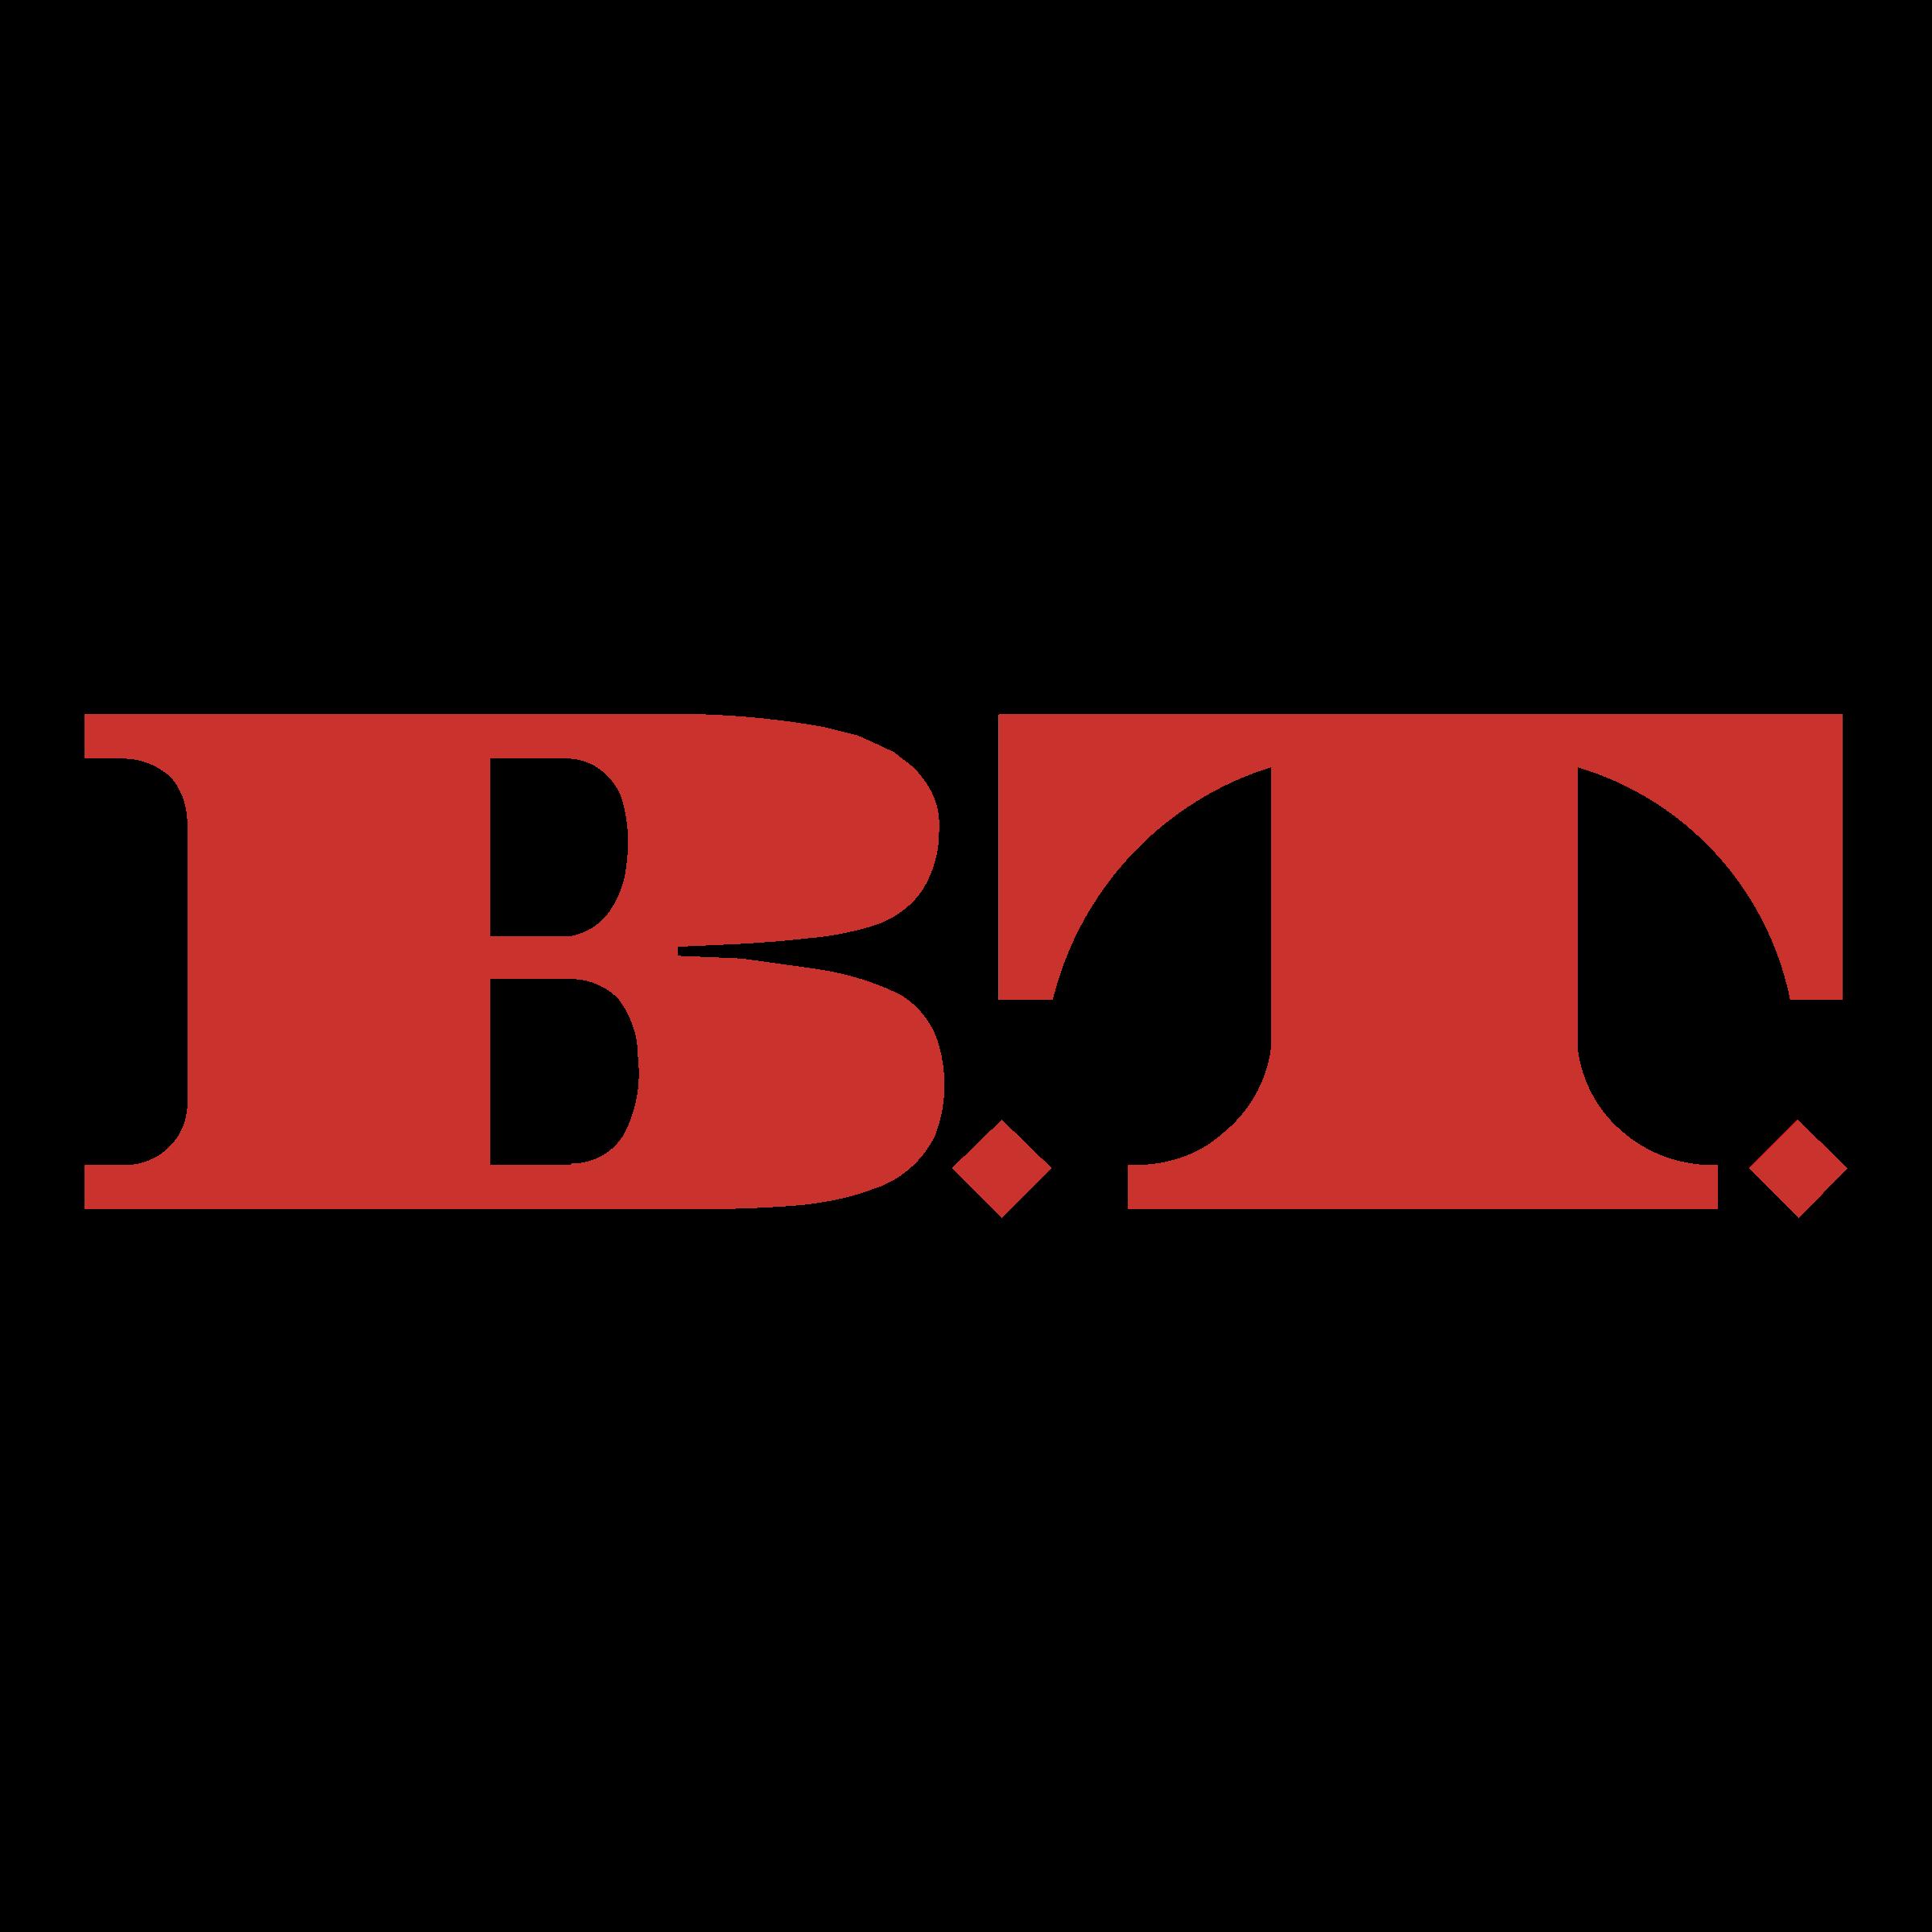 BT Logo PNG Transparent & SVG Vector.